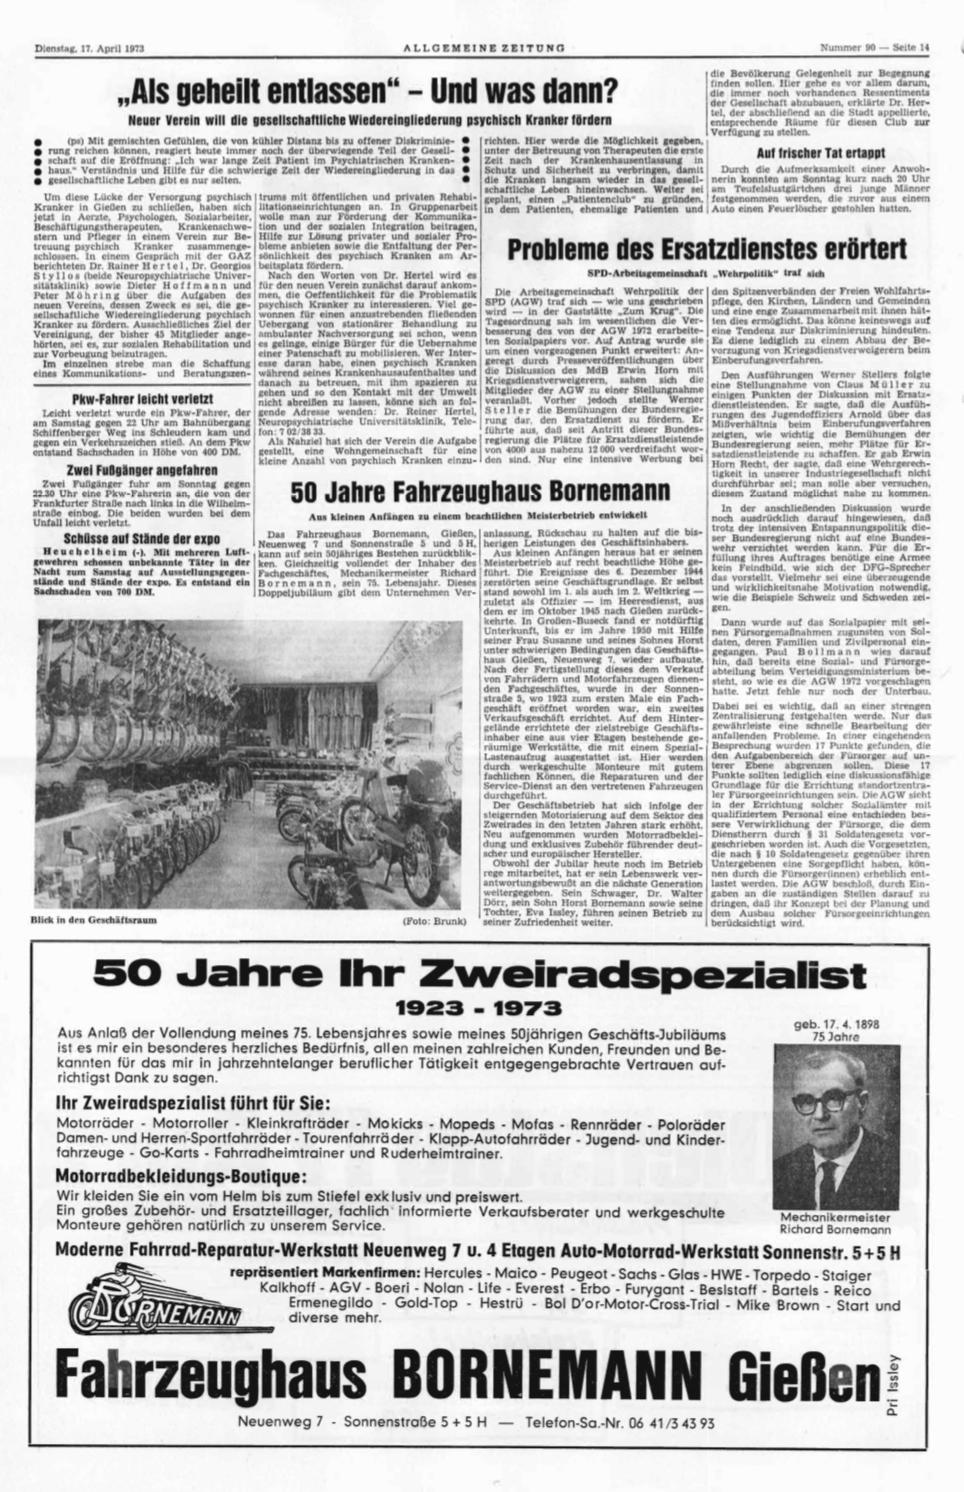 Bornemann wird 50